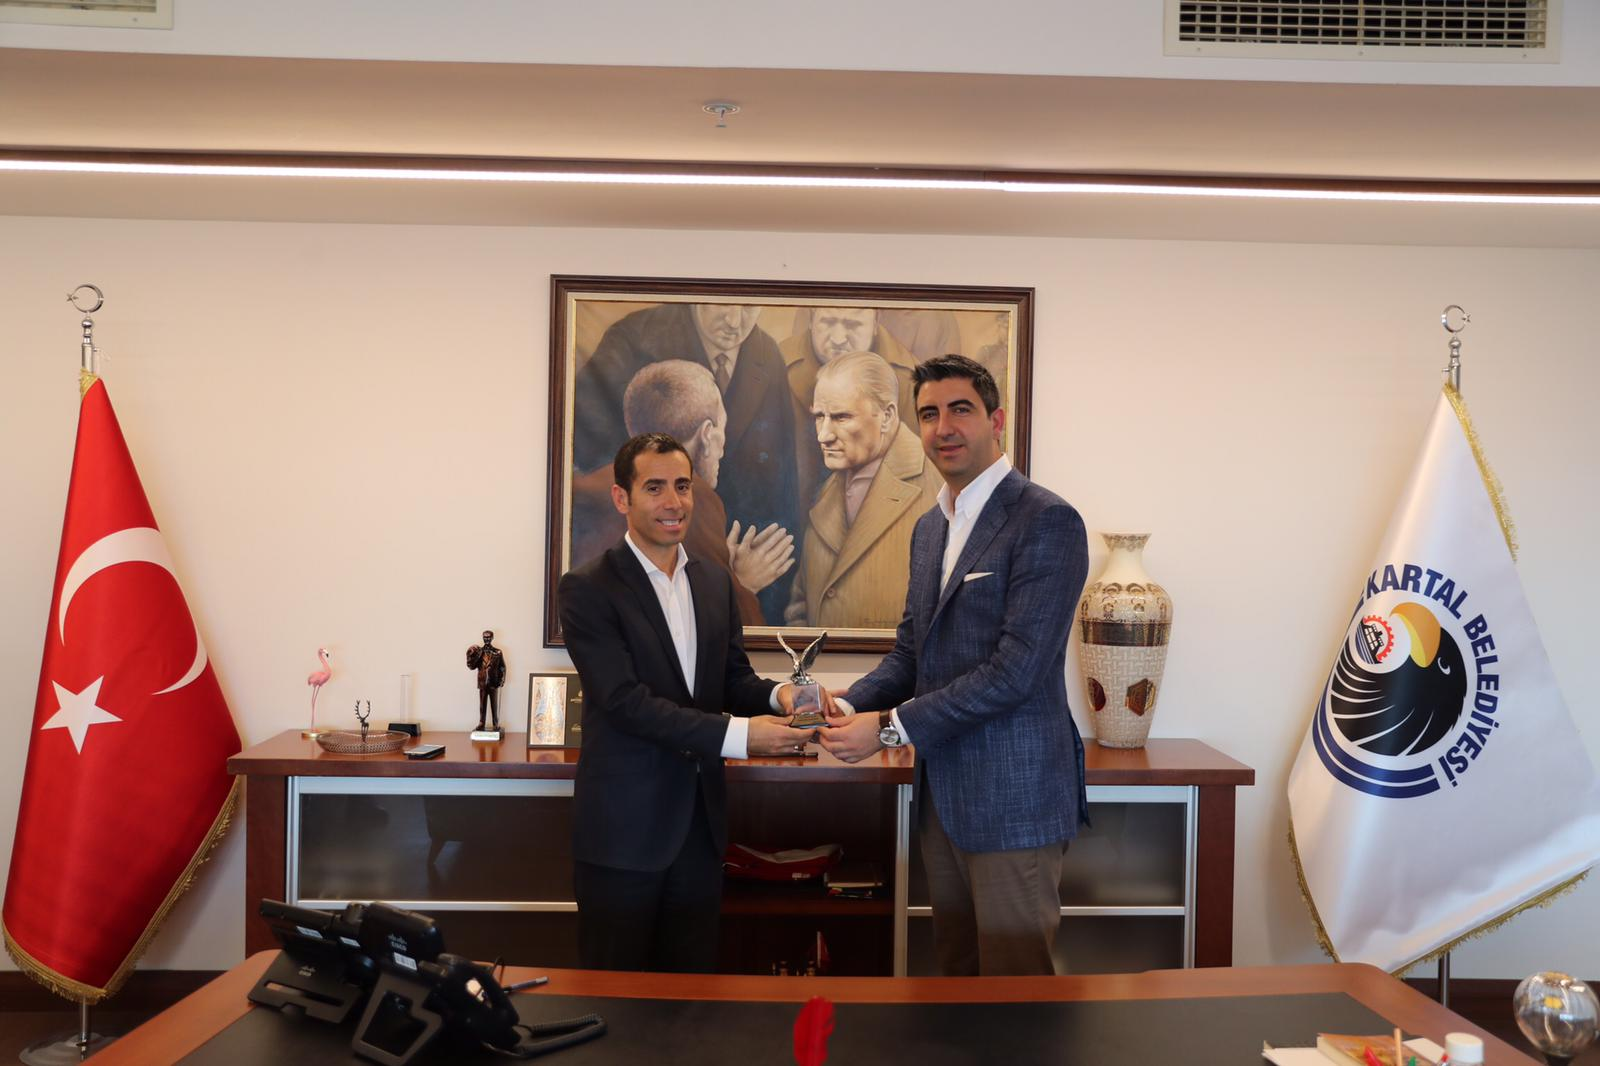 İlçe Emniyet Müdürü Feramüz Çetin'den Başkan Gökhan Yüksel'e iade-i ziyaret